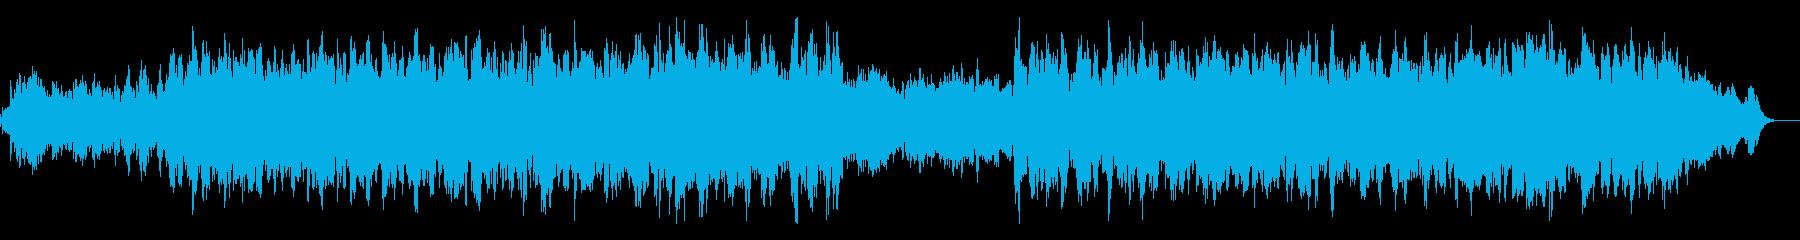 リラクゼーション最適なアンビエントBGMの再生済みの波形